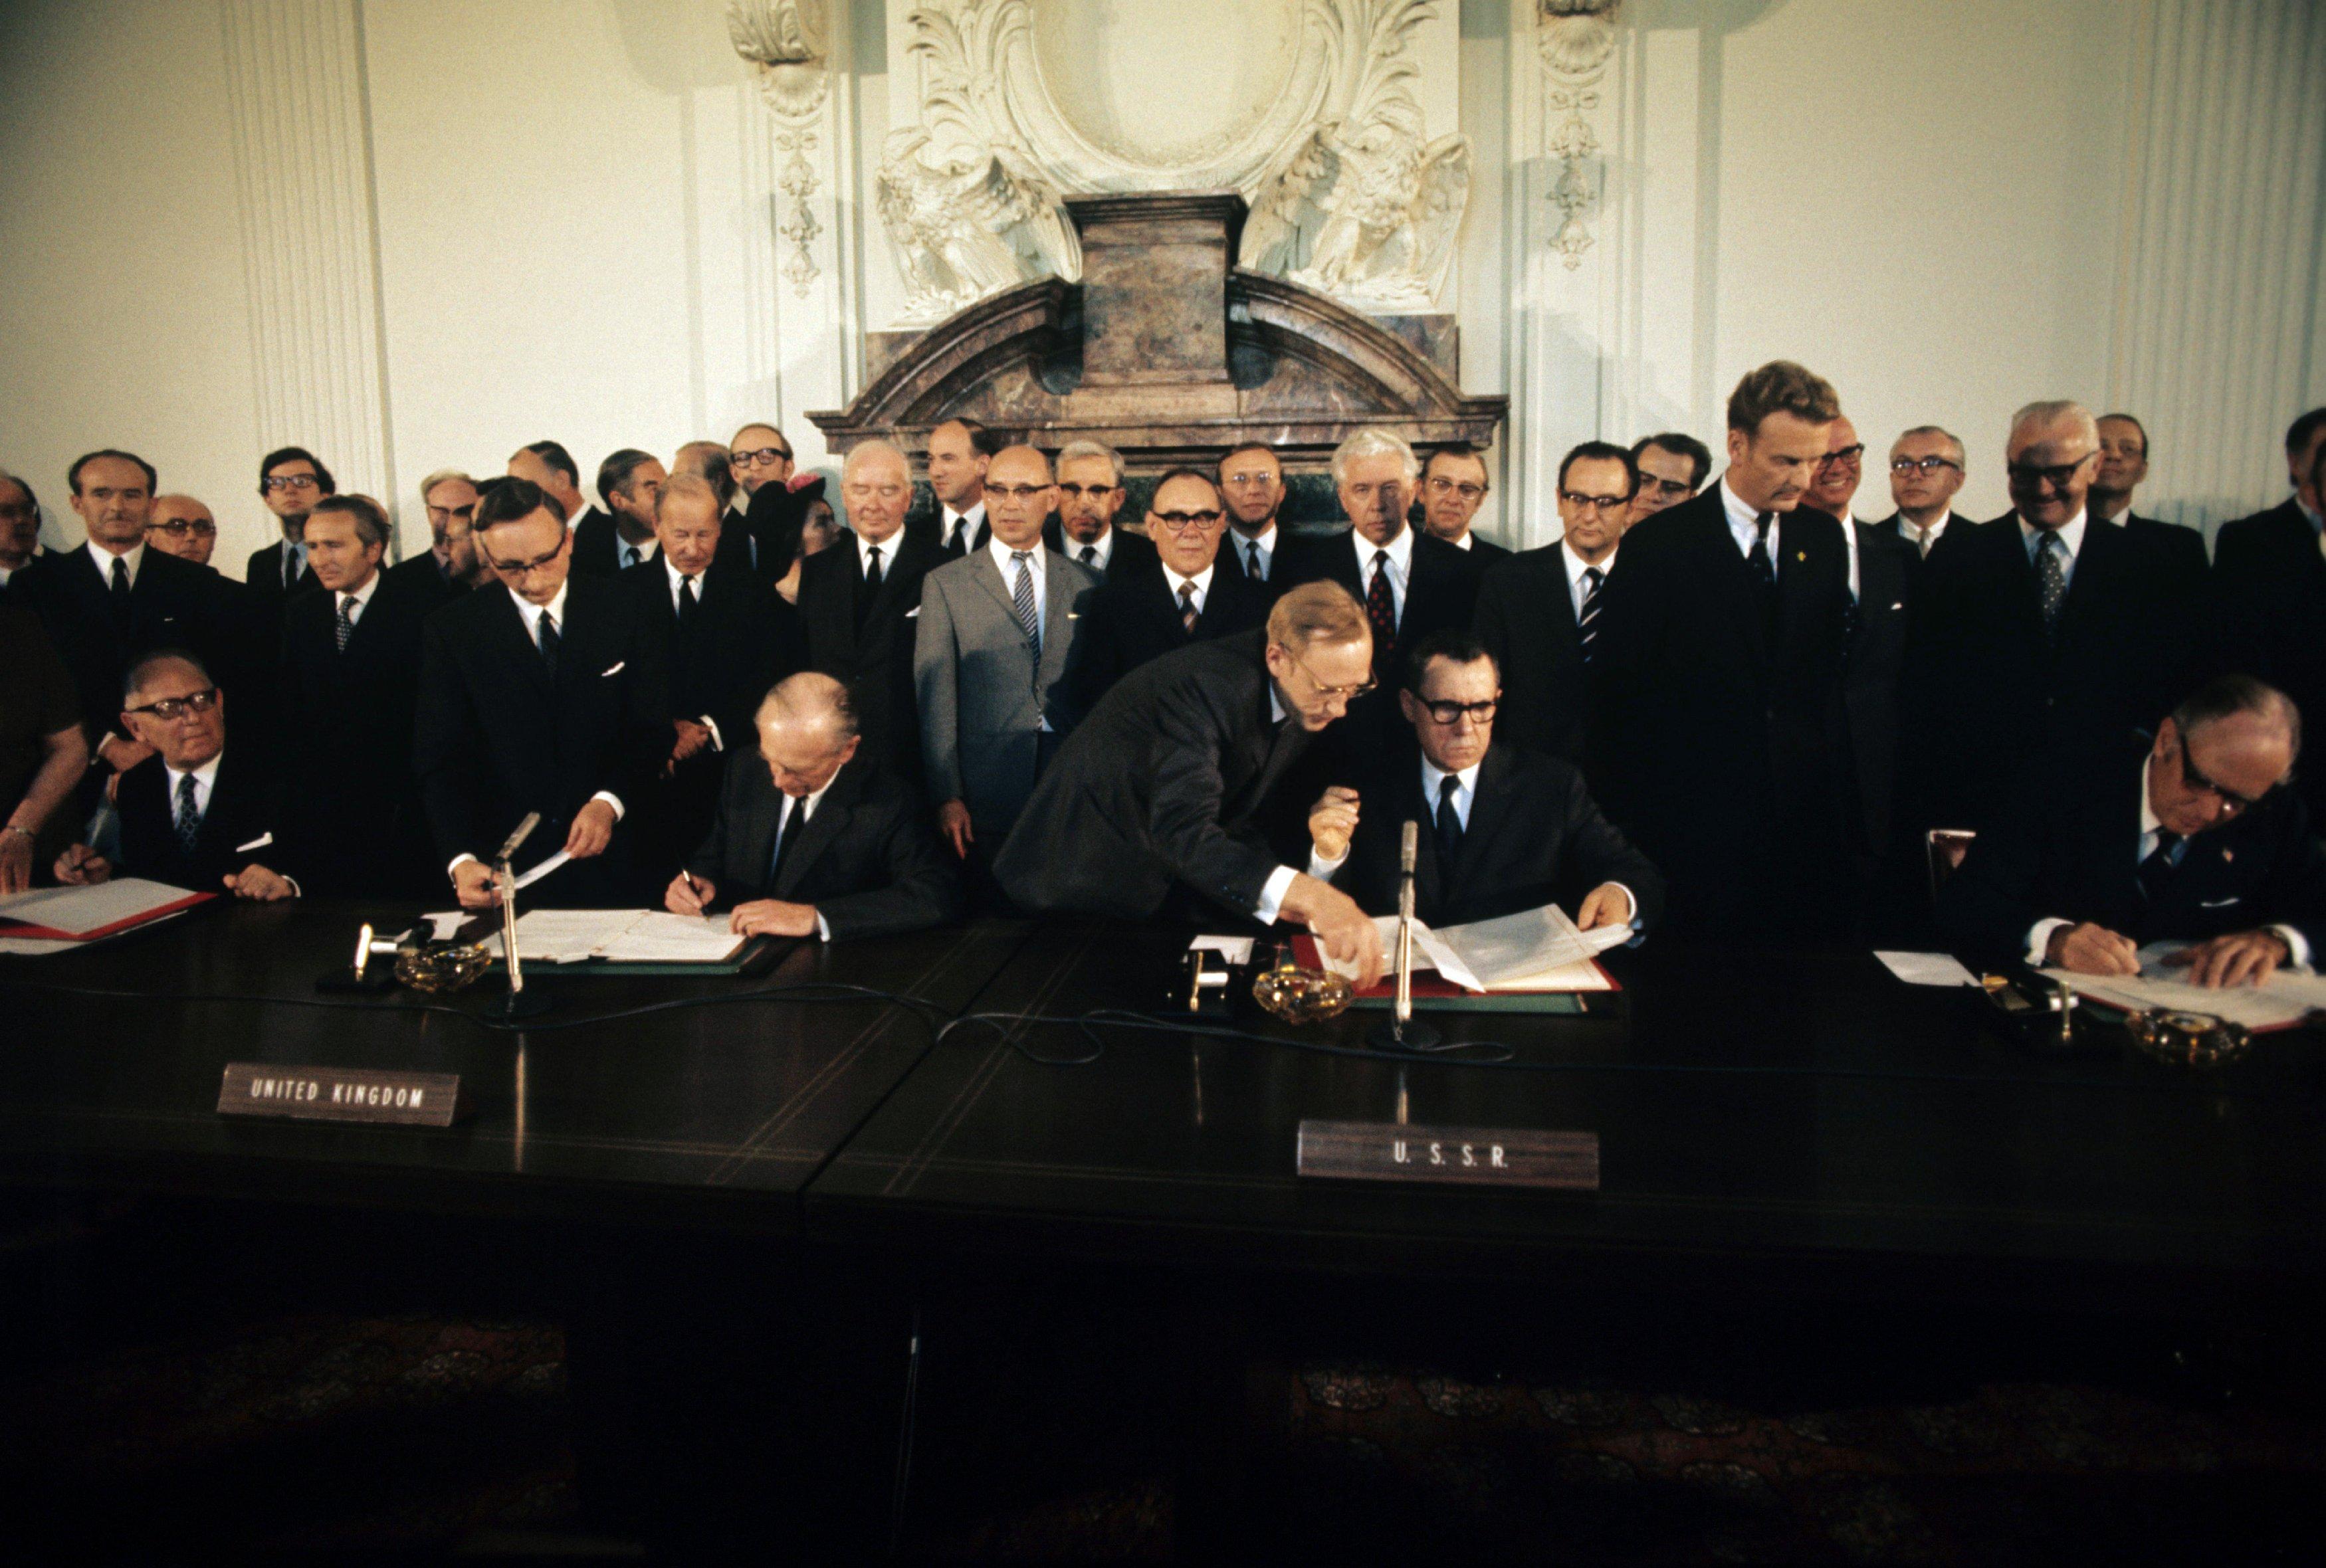 Министры иностранных дел  Морис Шуман (Франция), Алеком Дуглас-Хьюм (Великобритания), Андрей Громыко (Советский Союз) и Уильям Роджерс (США) во время подписания Четырехстороннего соглашения по Западному Берлину